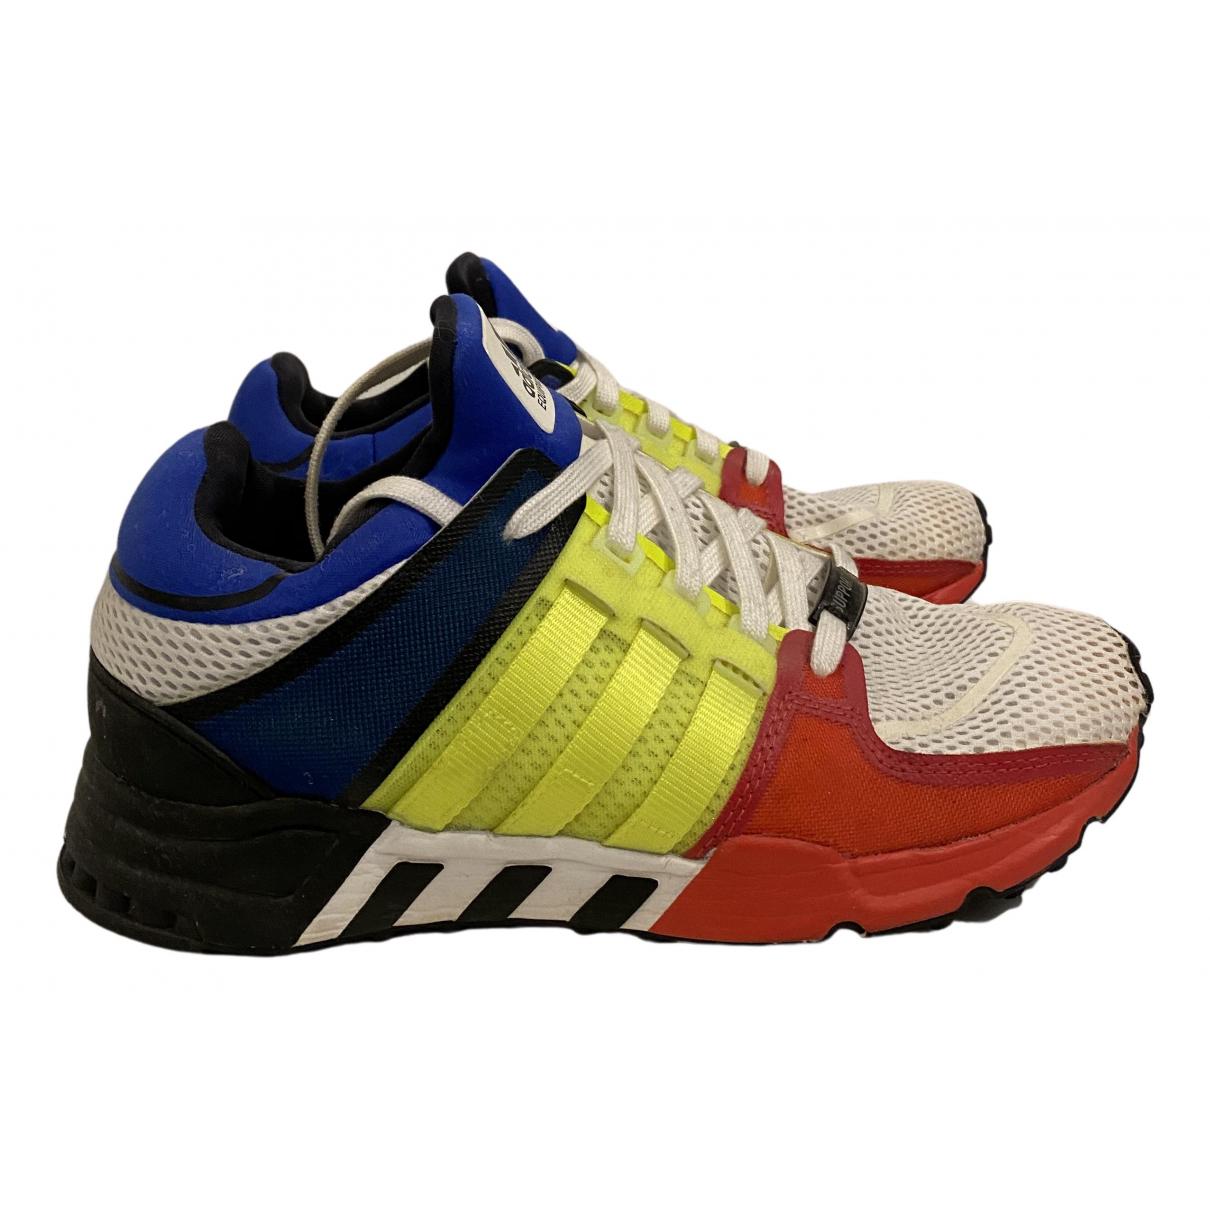 Adidas - Baskets EQT Support pour homme en autre - multicolore